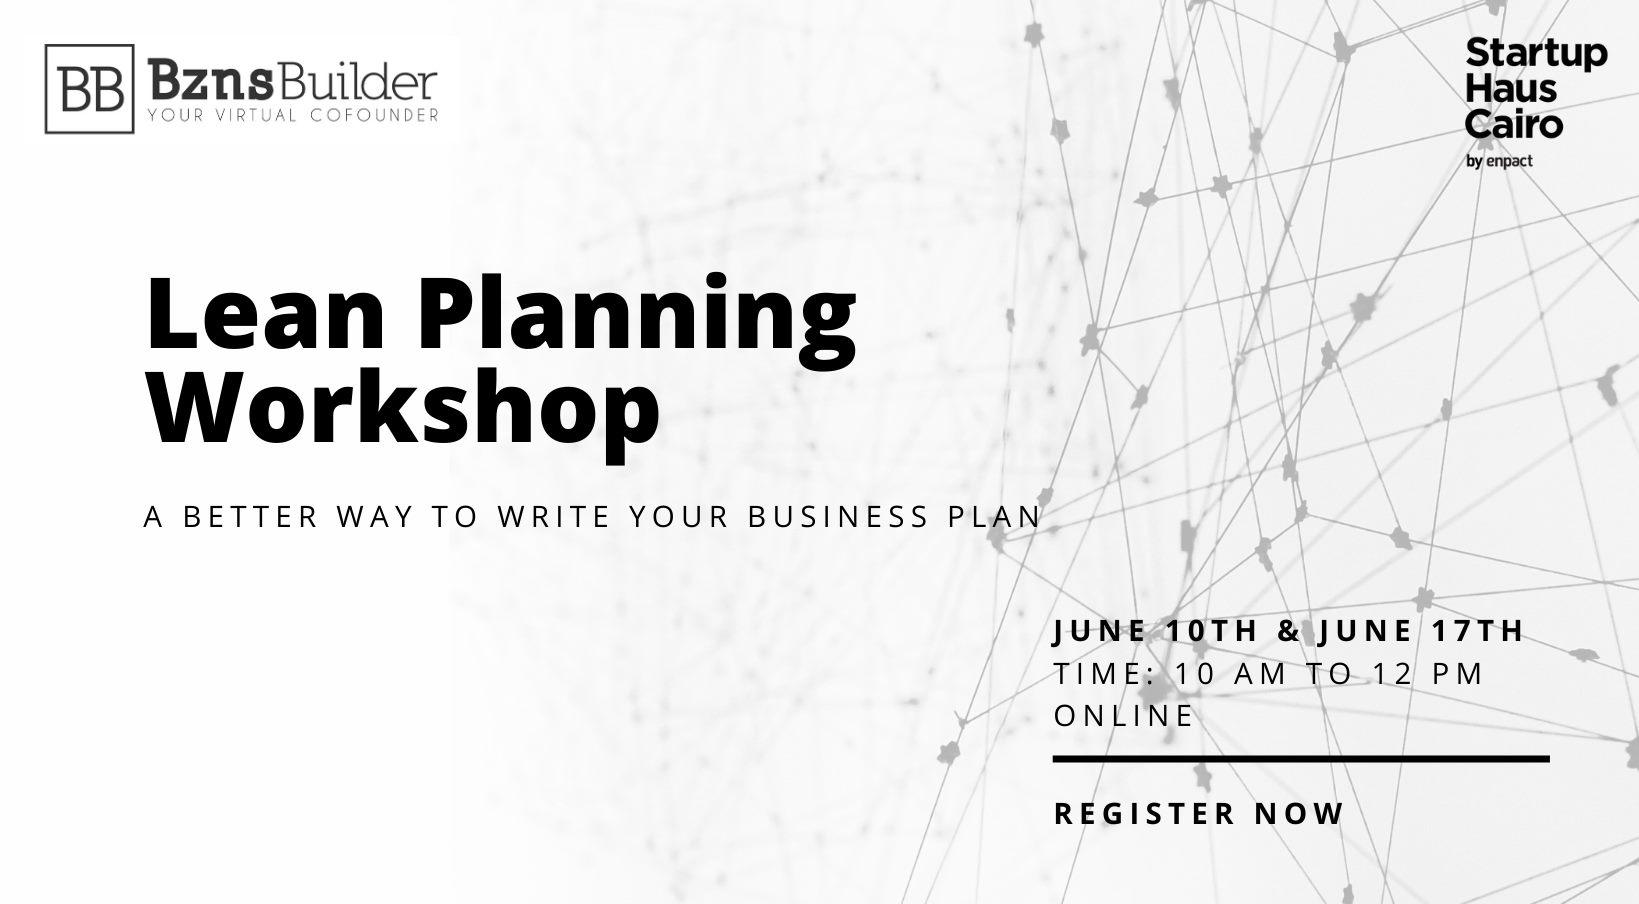 ورشة عمل التخطيط المرن - طريقة أفضل لكتابة خطة عملك